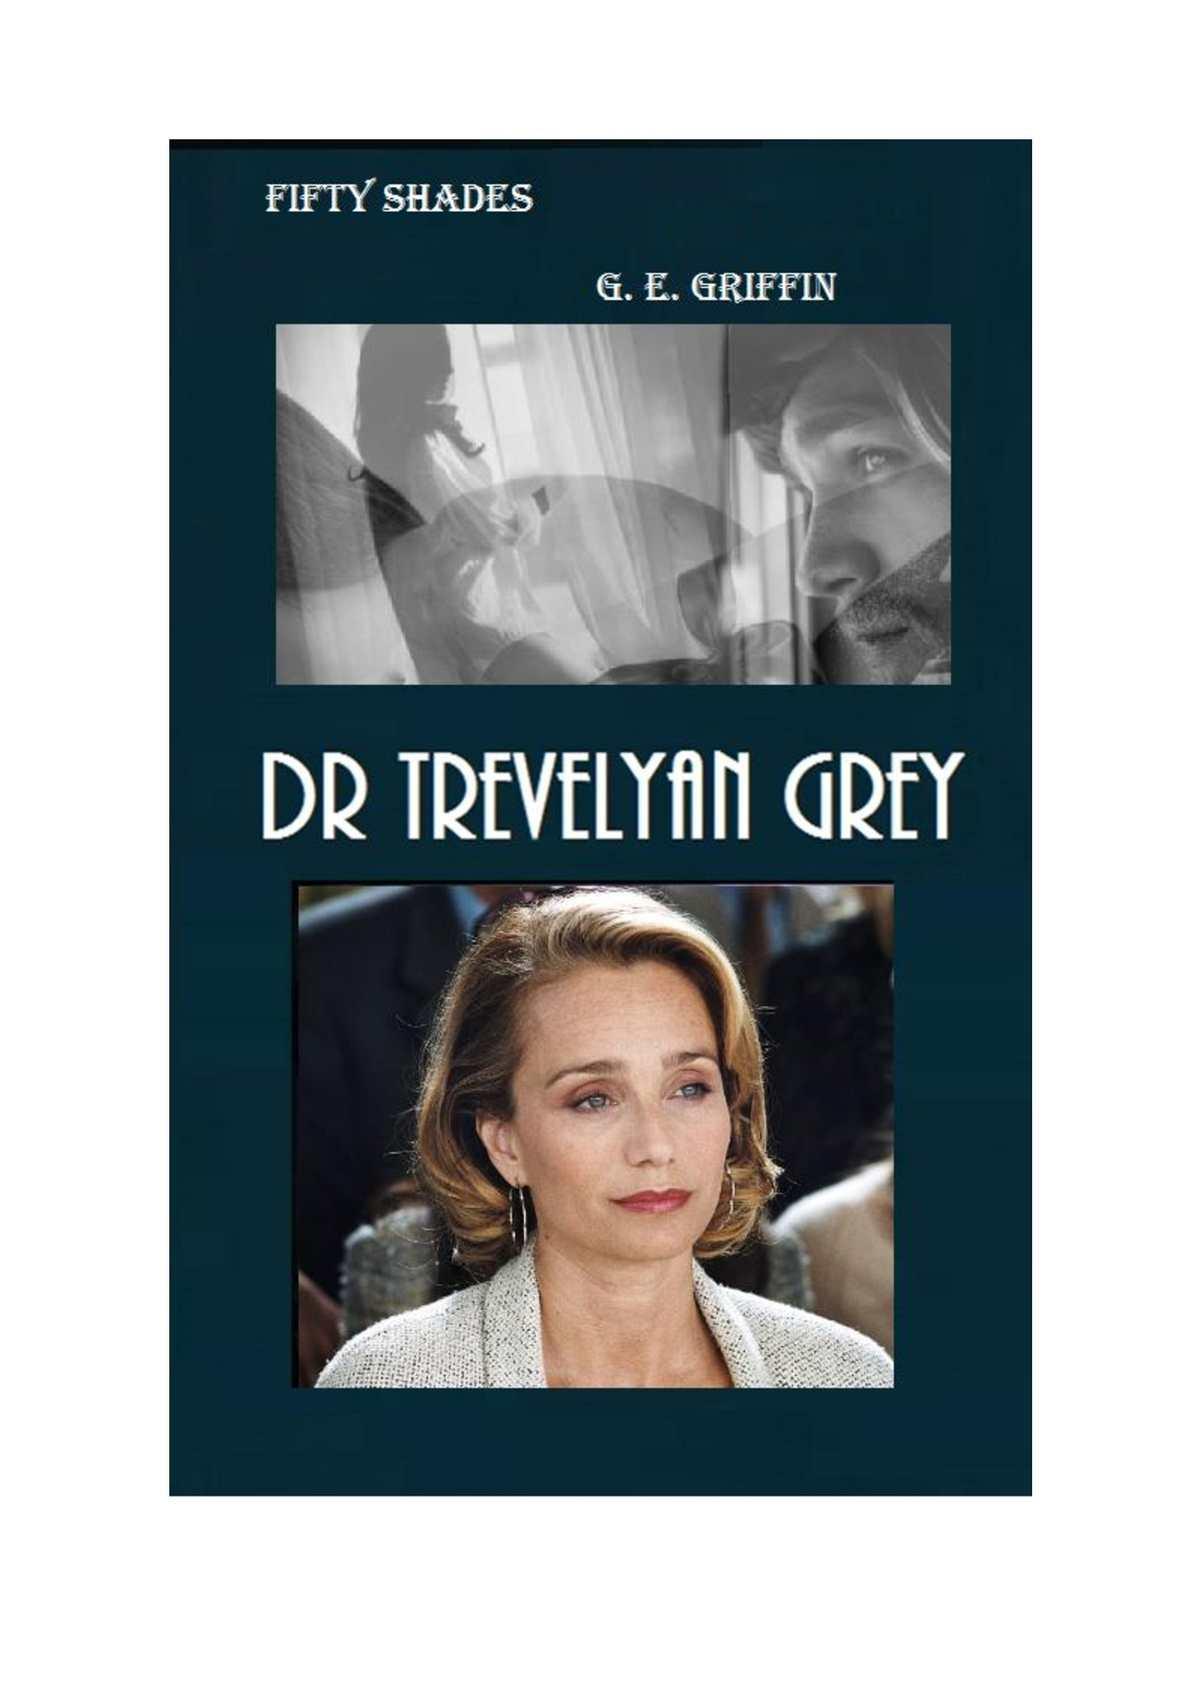 Télécharger 50 Nuances De Grey Film Cpasbien Gratuit